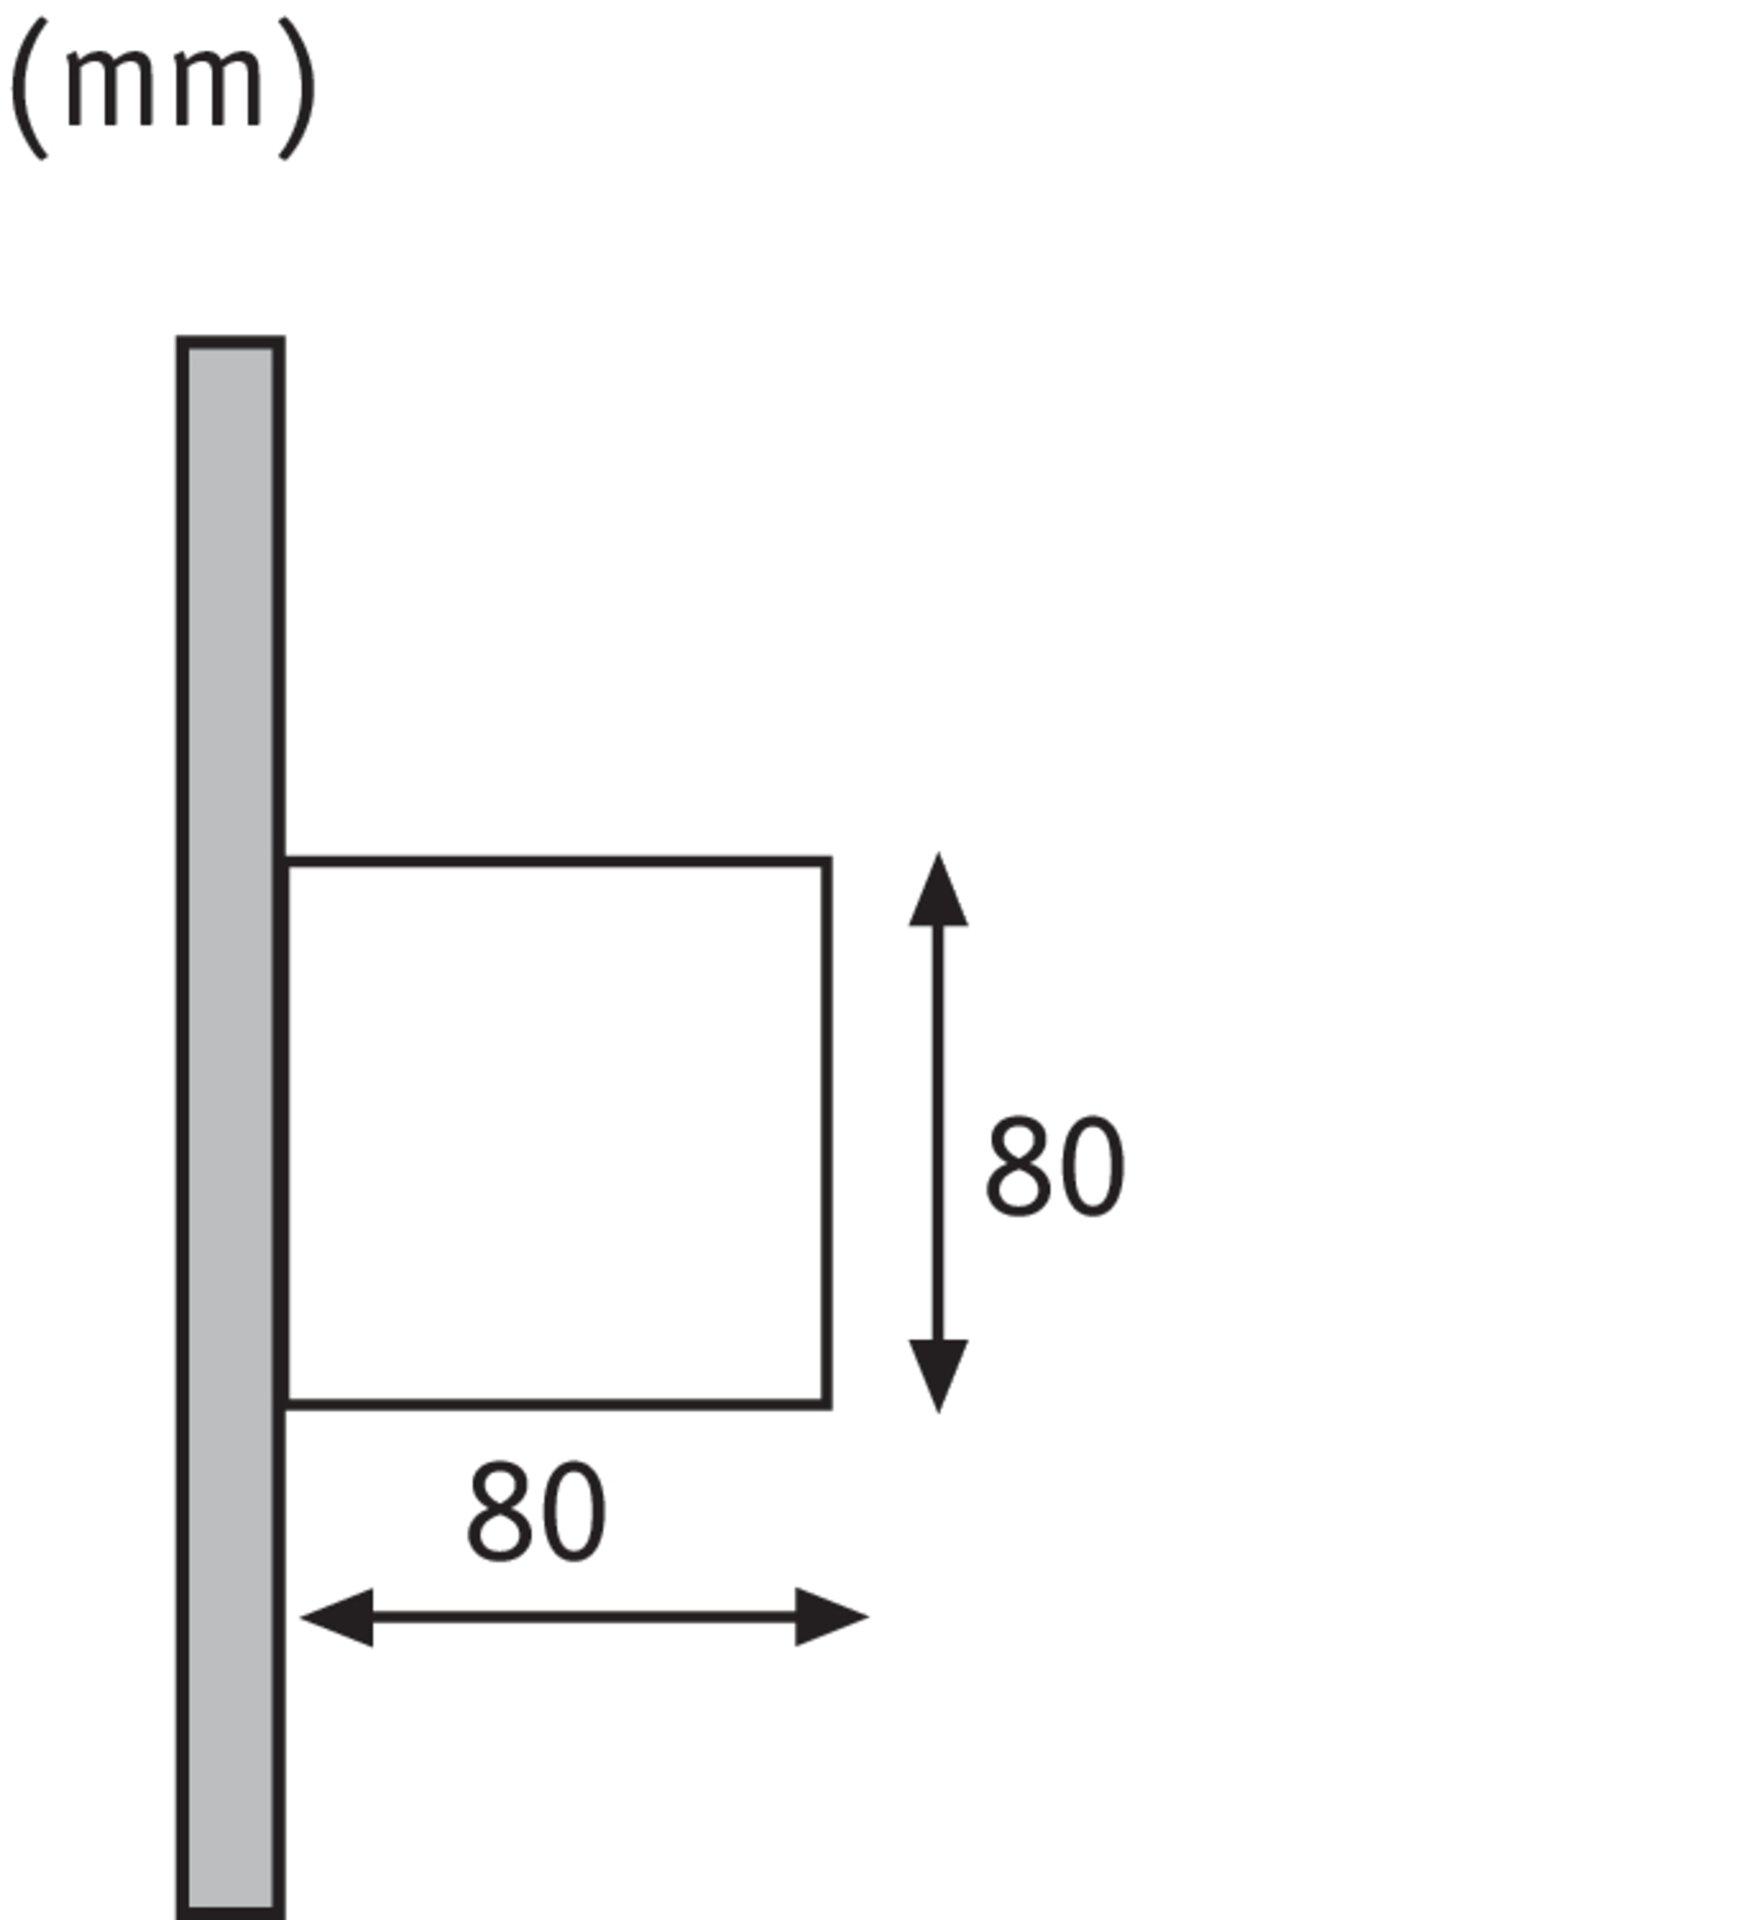 Wand-Aussenleuchte CYBO Paulmann Metall 8 x 8 x 8 cm